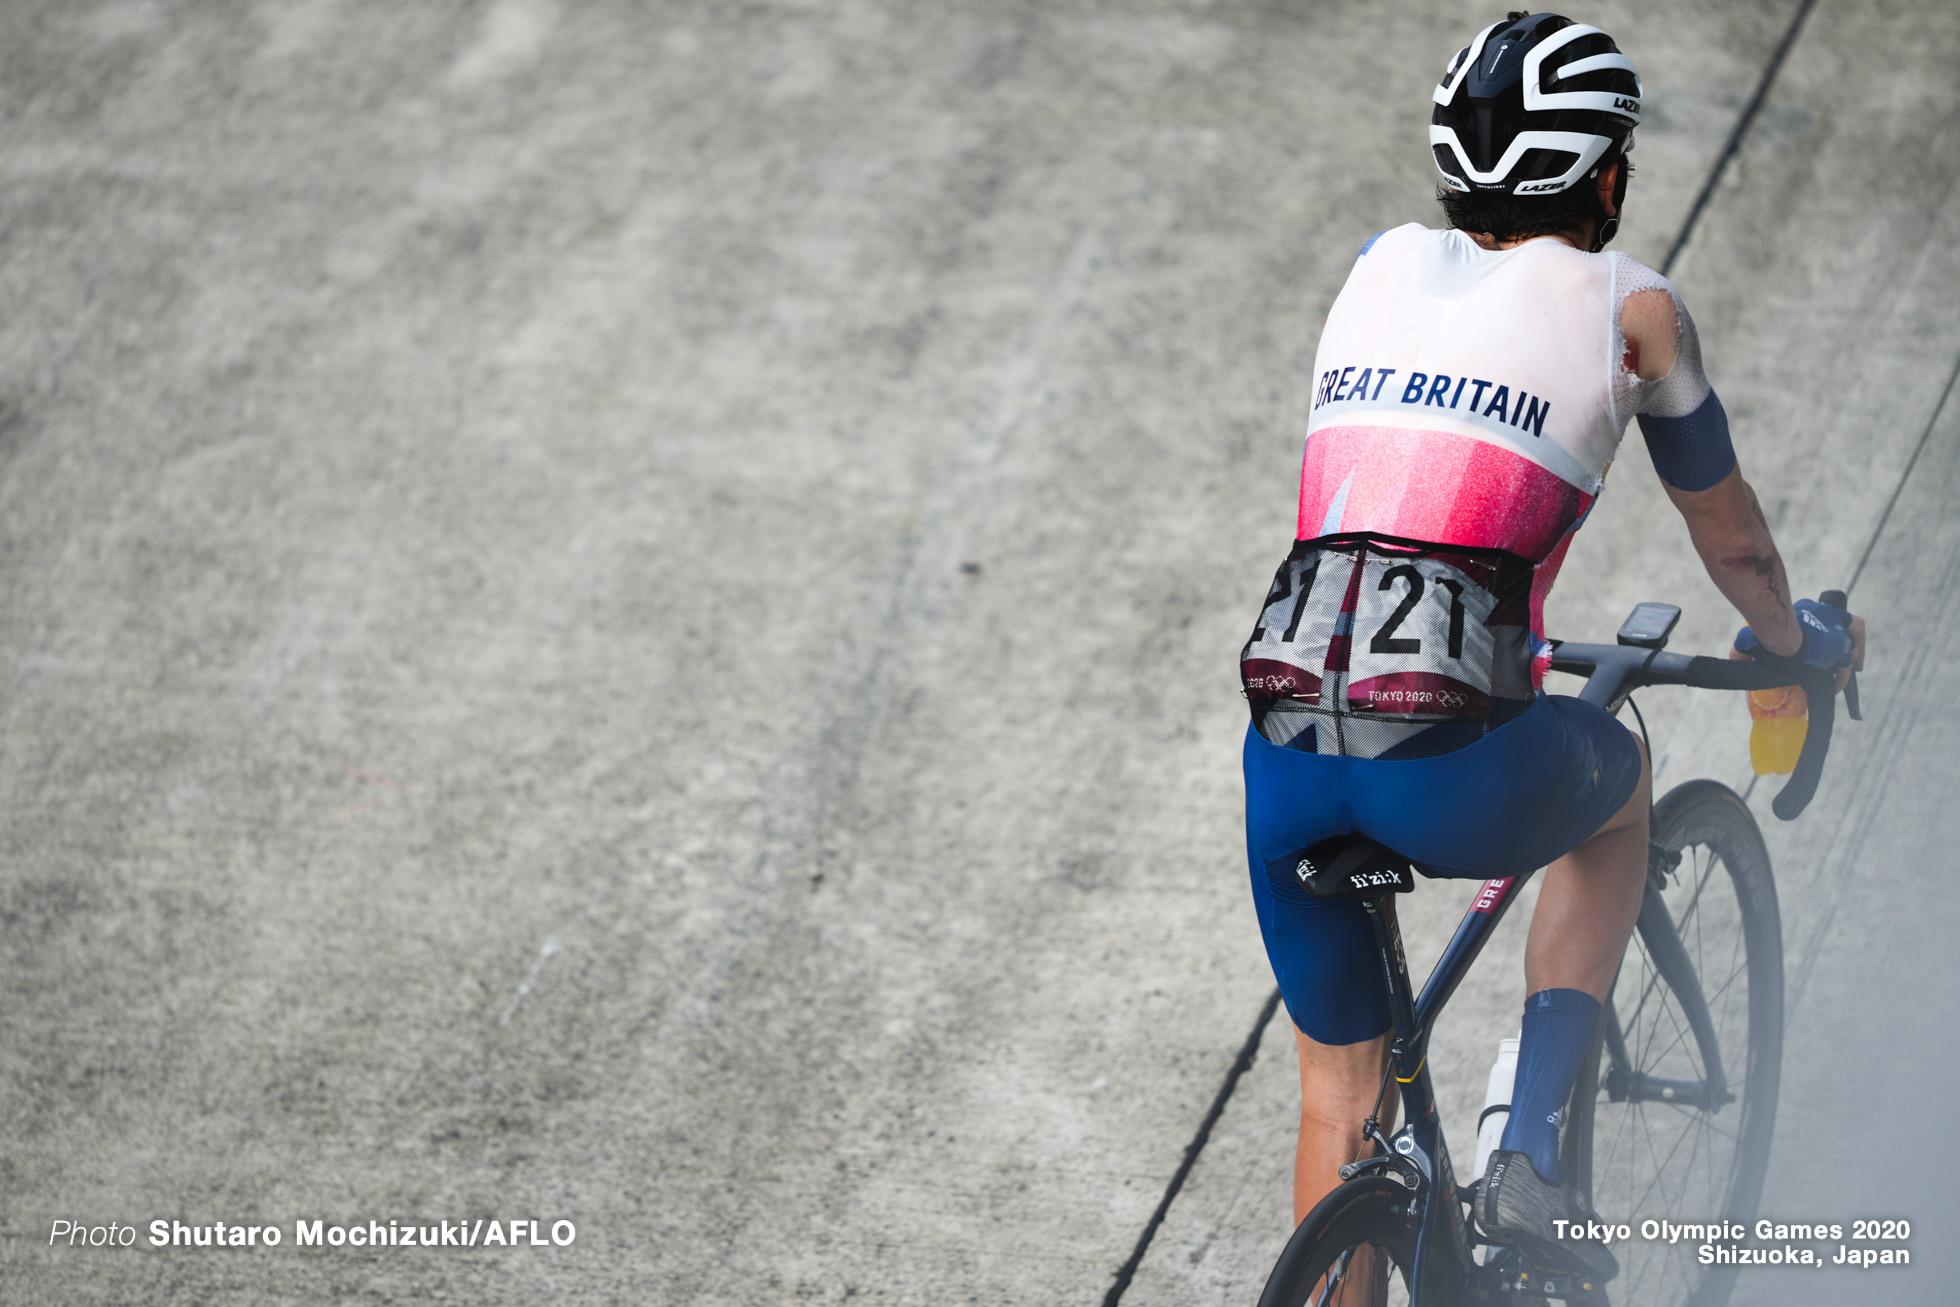 ゲラント・トーマス Geraint Thomas (GBR), JULY 24, 2021 - Cycling : Men's Road Race during the Tokyo 2020 Olympic Games at 富士スピードウェイ/the Fuji International Speedway in Shizuoka, Japan. (Photo by Shutaro Mochizuki/AFLO)